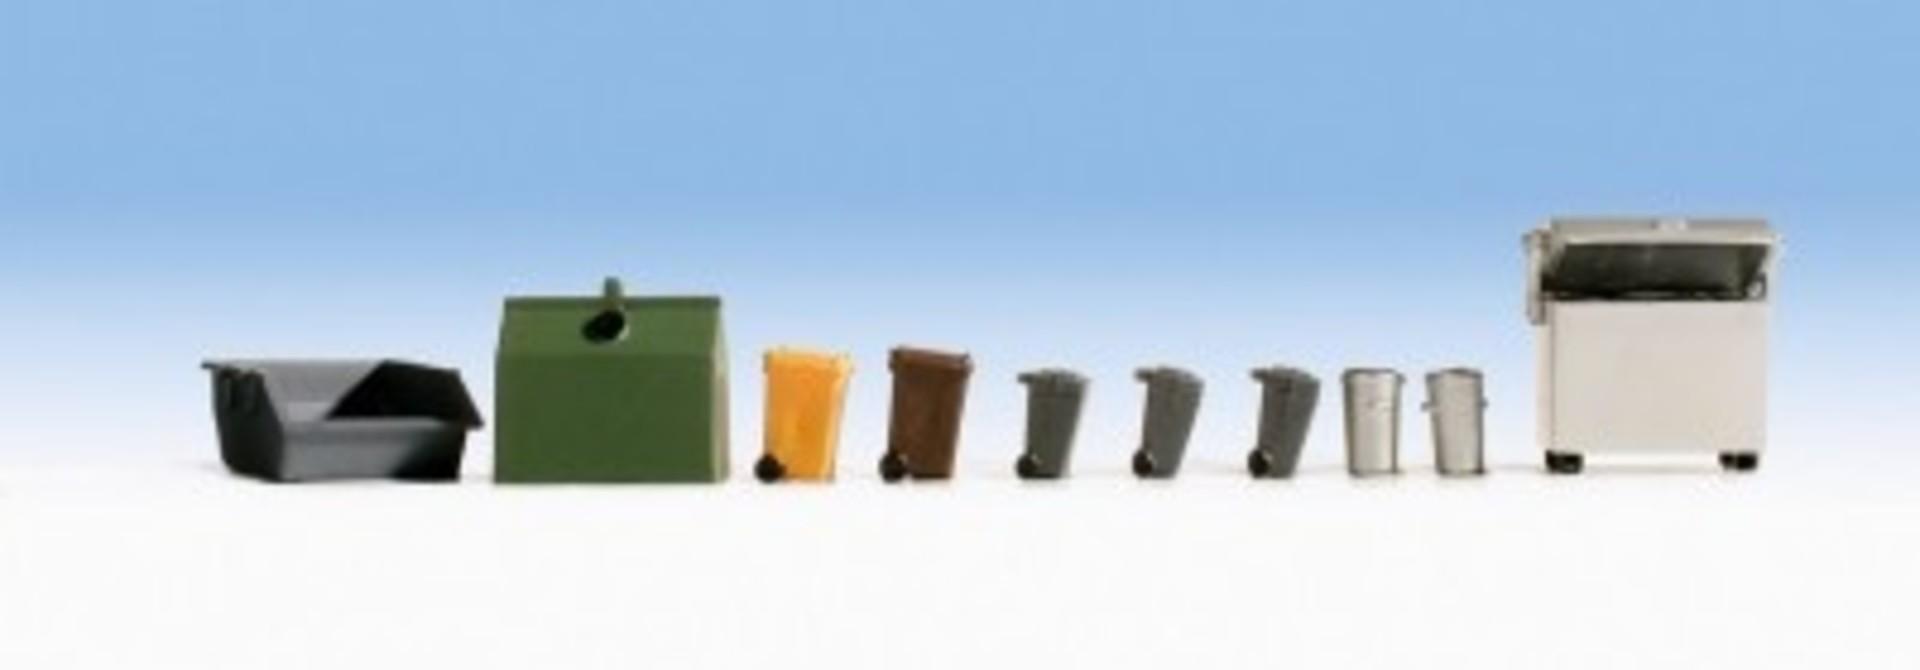 14825 Müllbehälter